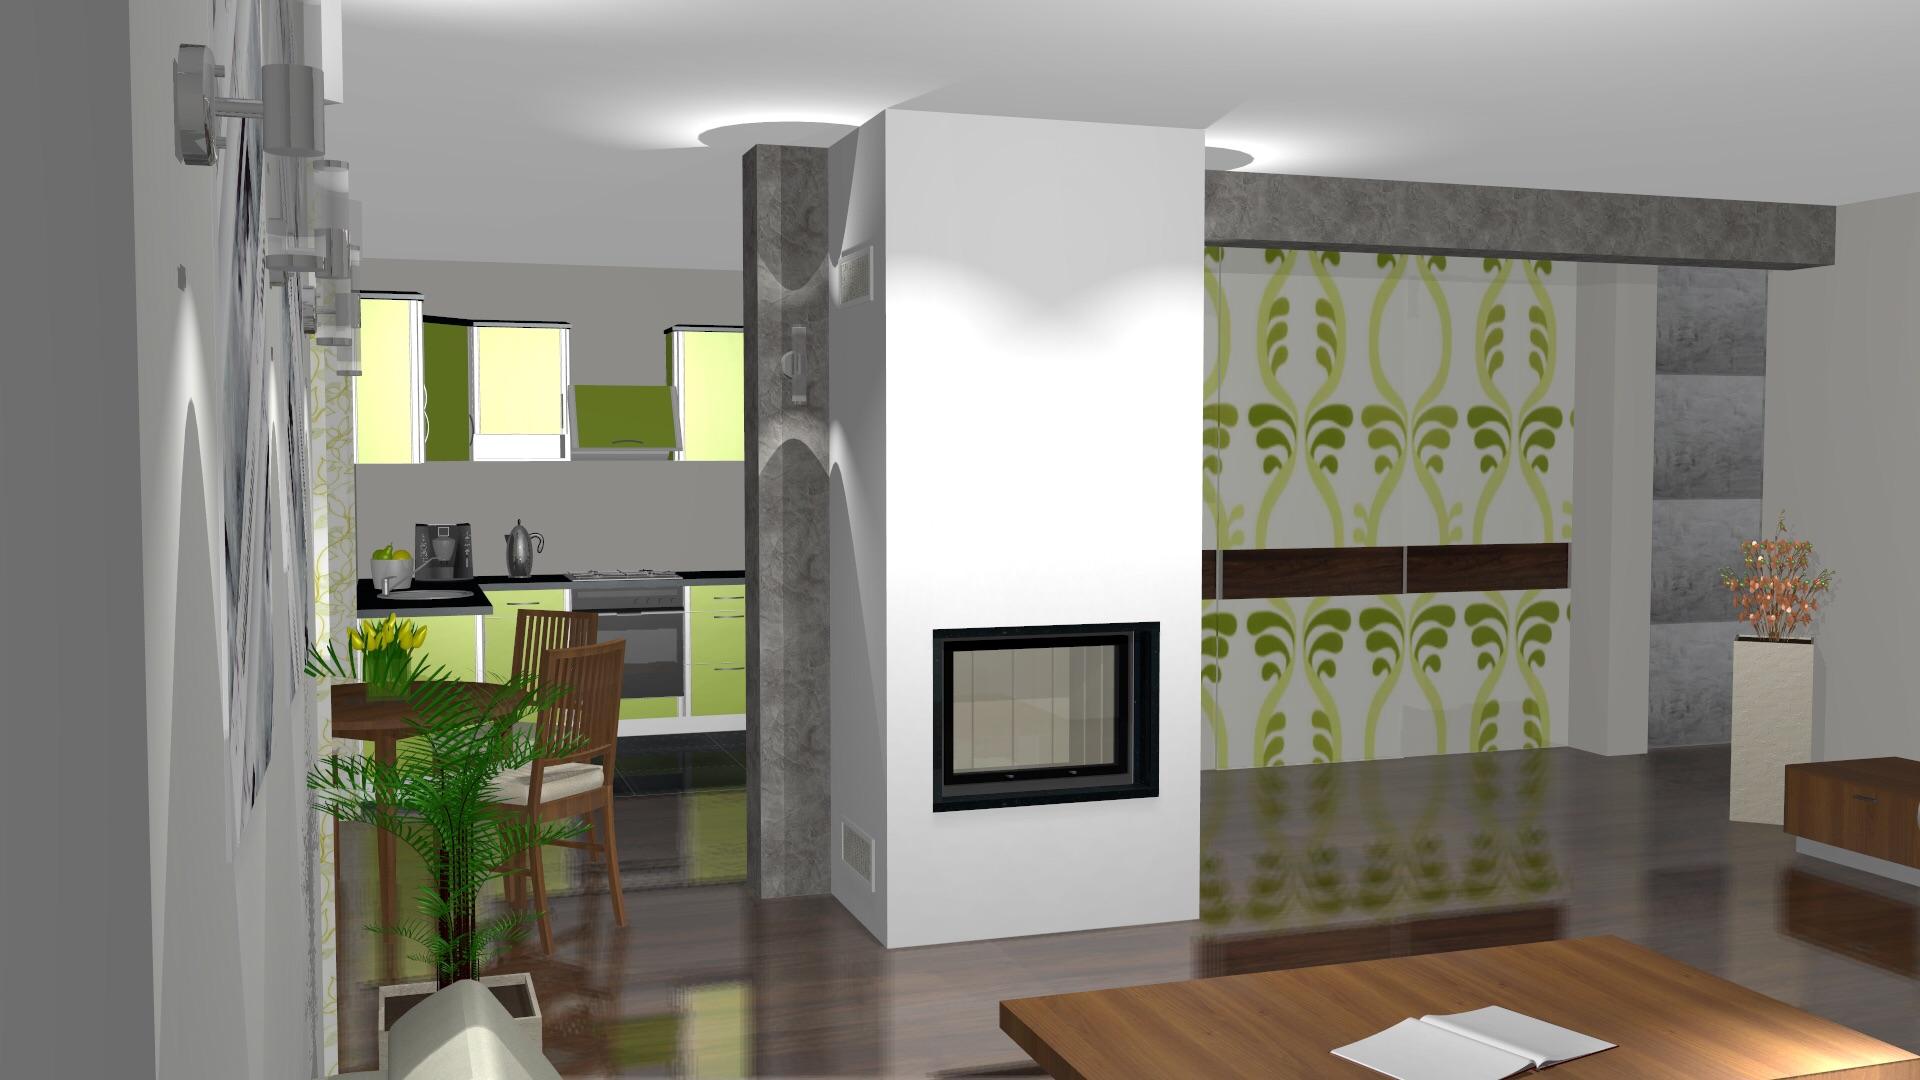 moderner kamin zp15 t r 68x46cm klappbar mit montage www. Black Bedroom Furniture Sets. Home Design Ideas